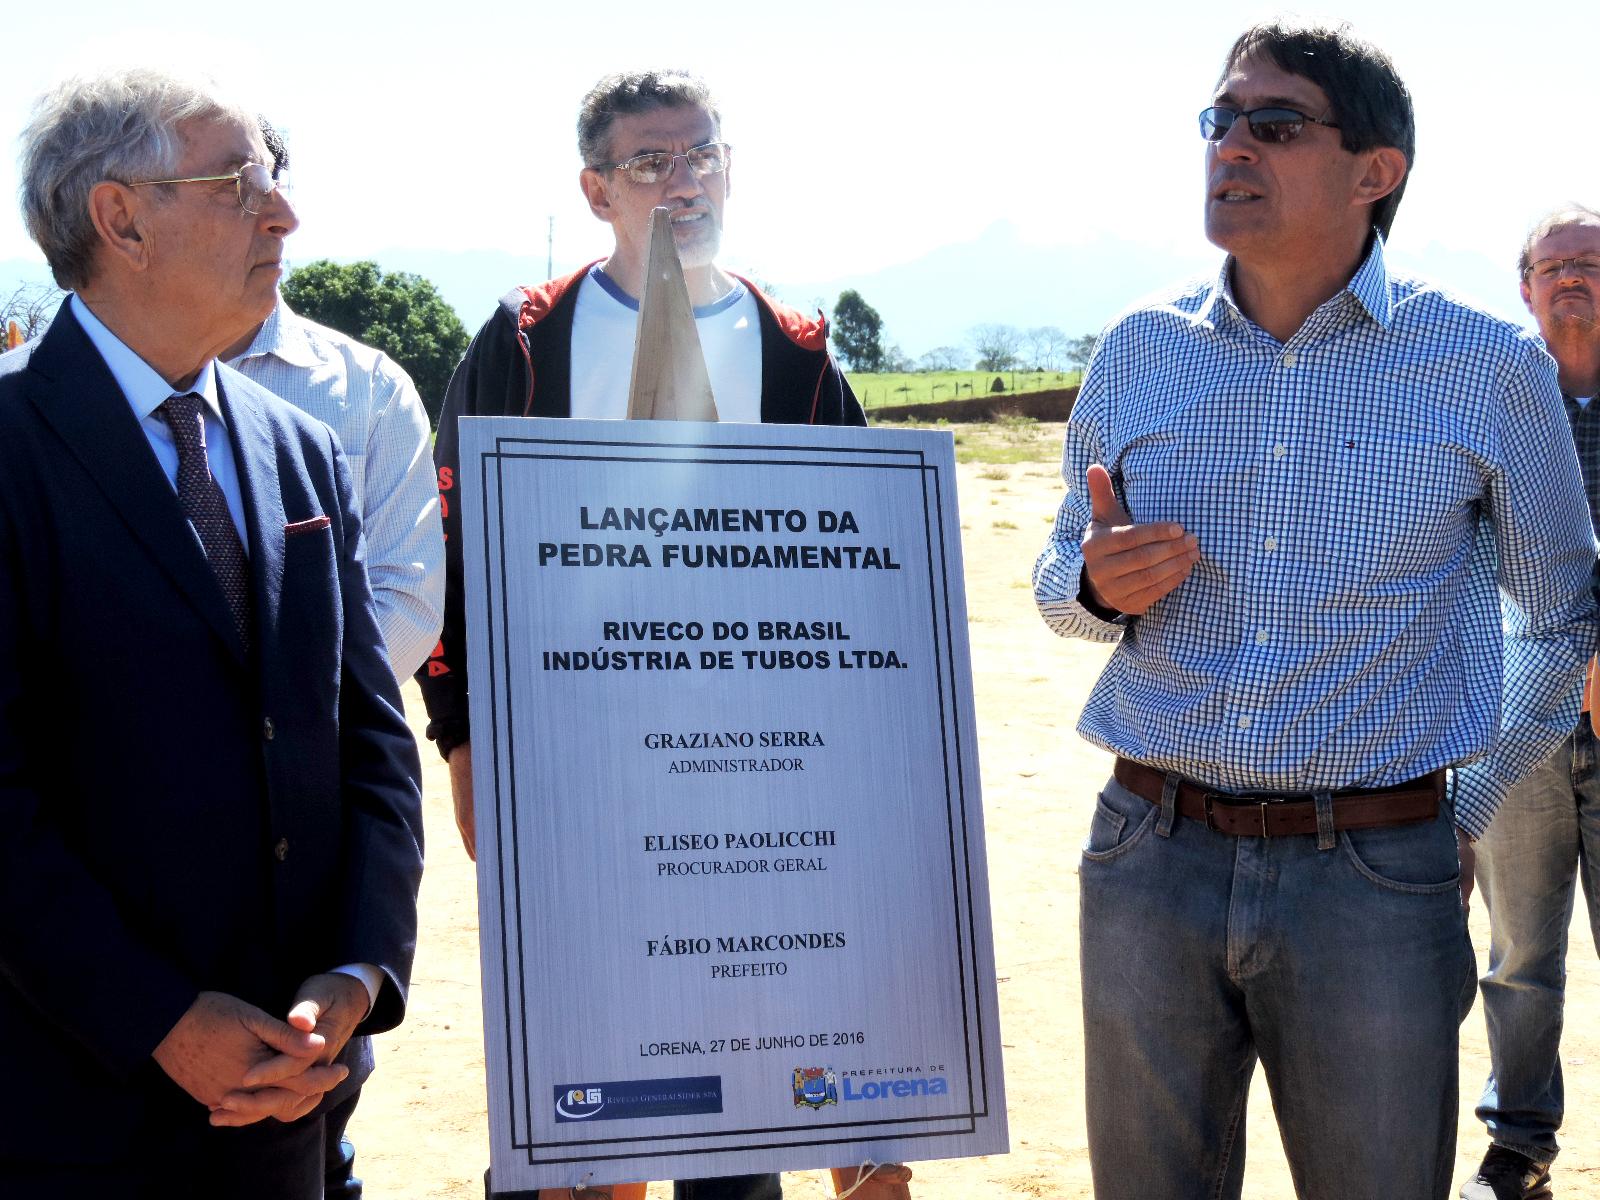 O procurador da Riveco Eliseo Paolicchi e o prefeito Fábio Marcondes no lançamento da Pedra Fundamental da unidade da empresa em Lorena (Foto: Rafaela Lourenço)